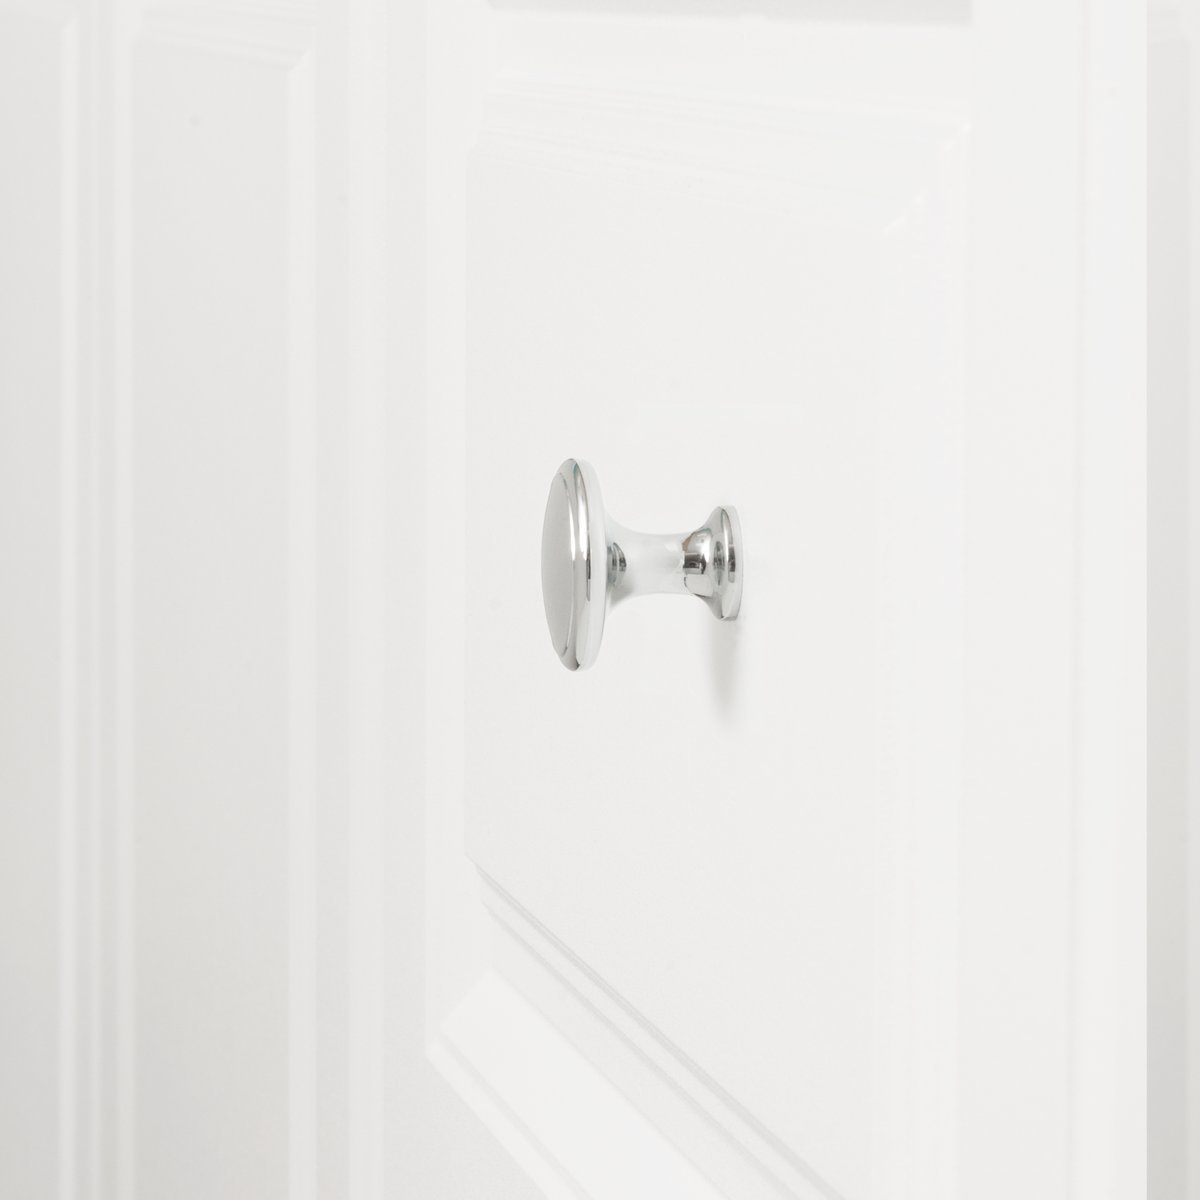 Basics Durchmesser: 2,95 cm mit runder Platte oben 25er-Pack modern M/öbelgriff Schubladenknopf Antik-Silber